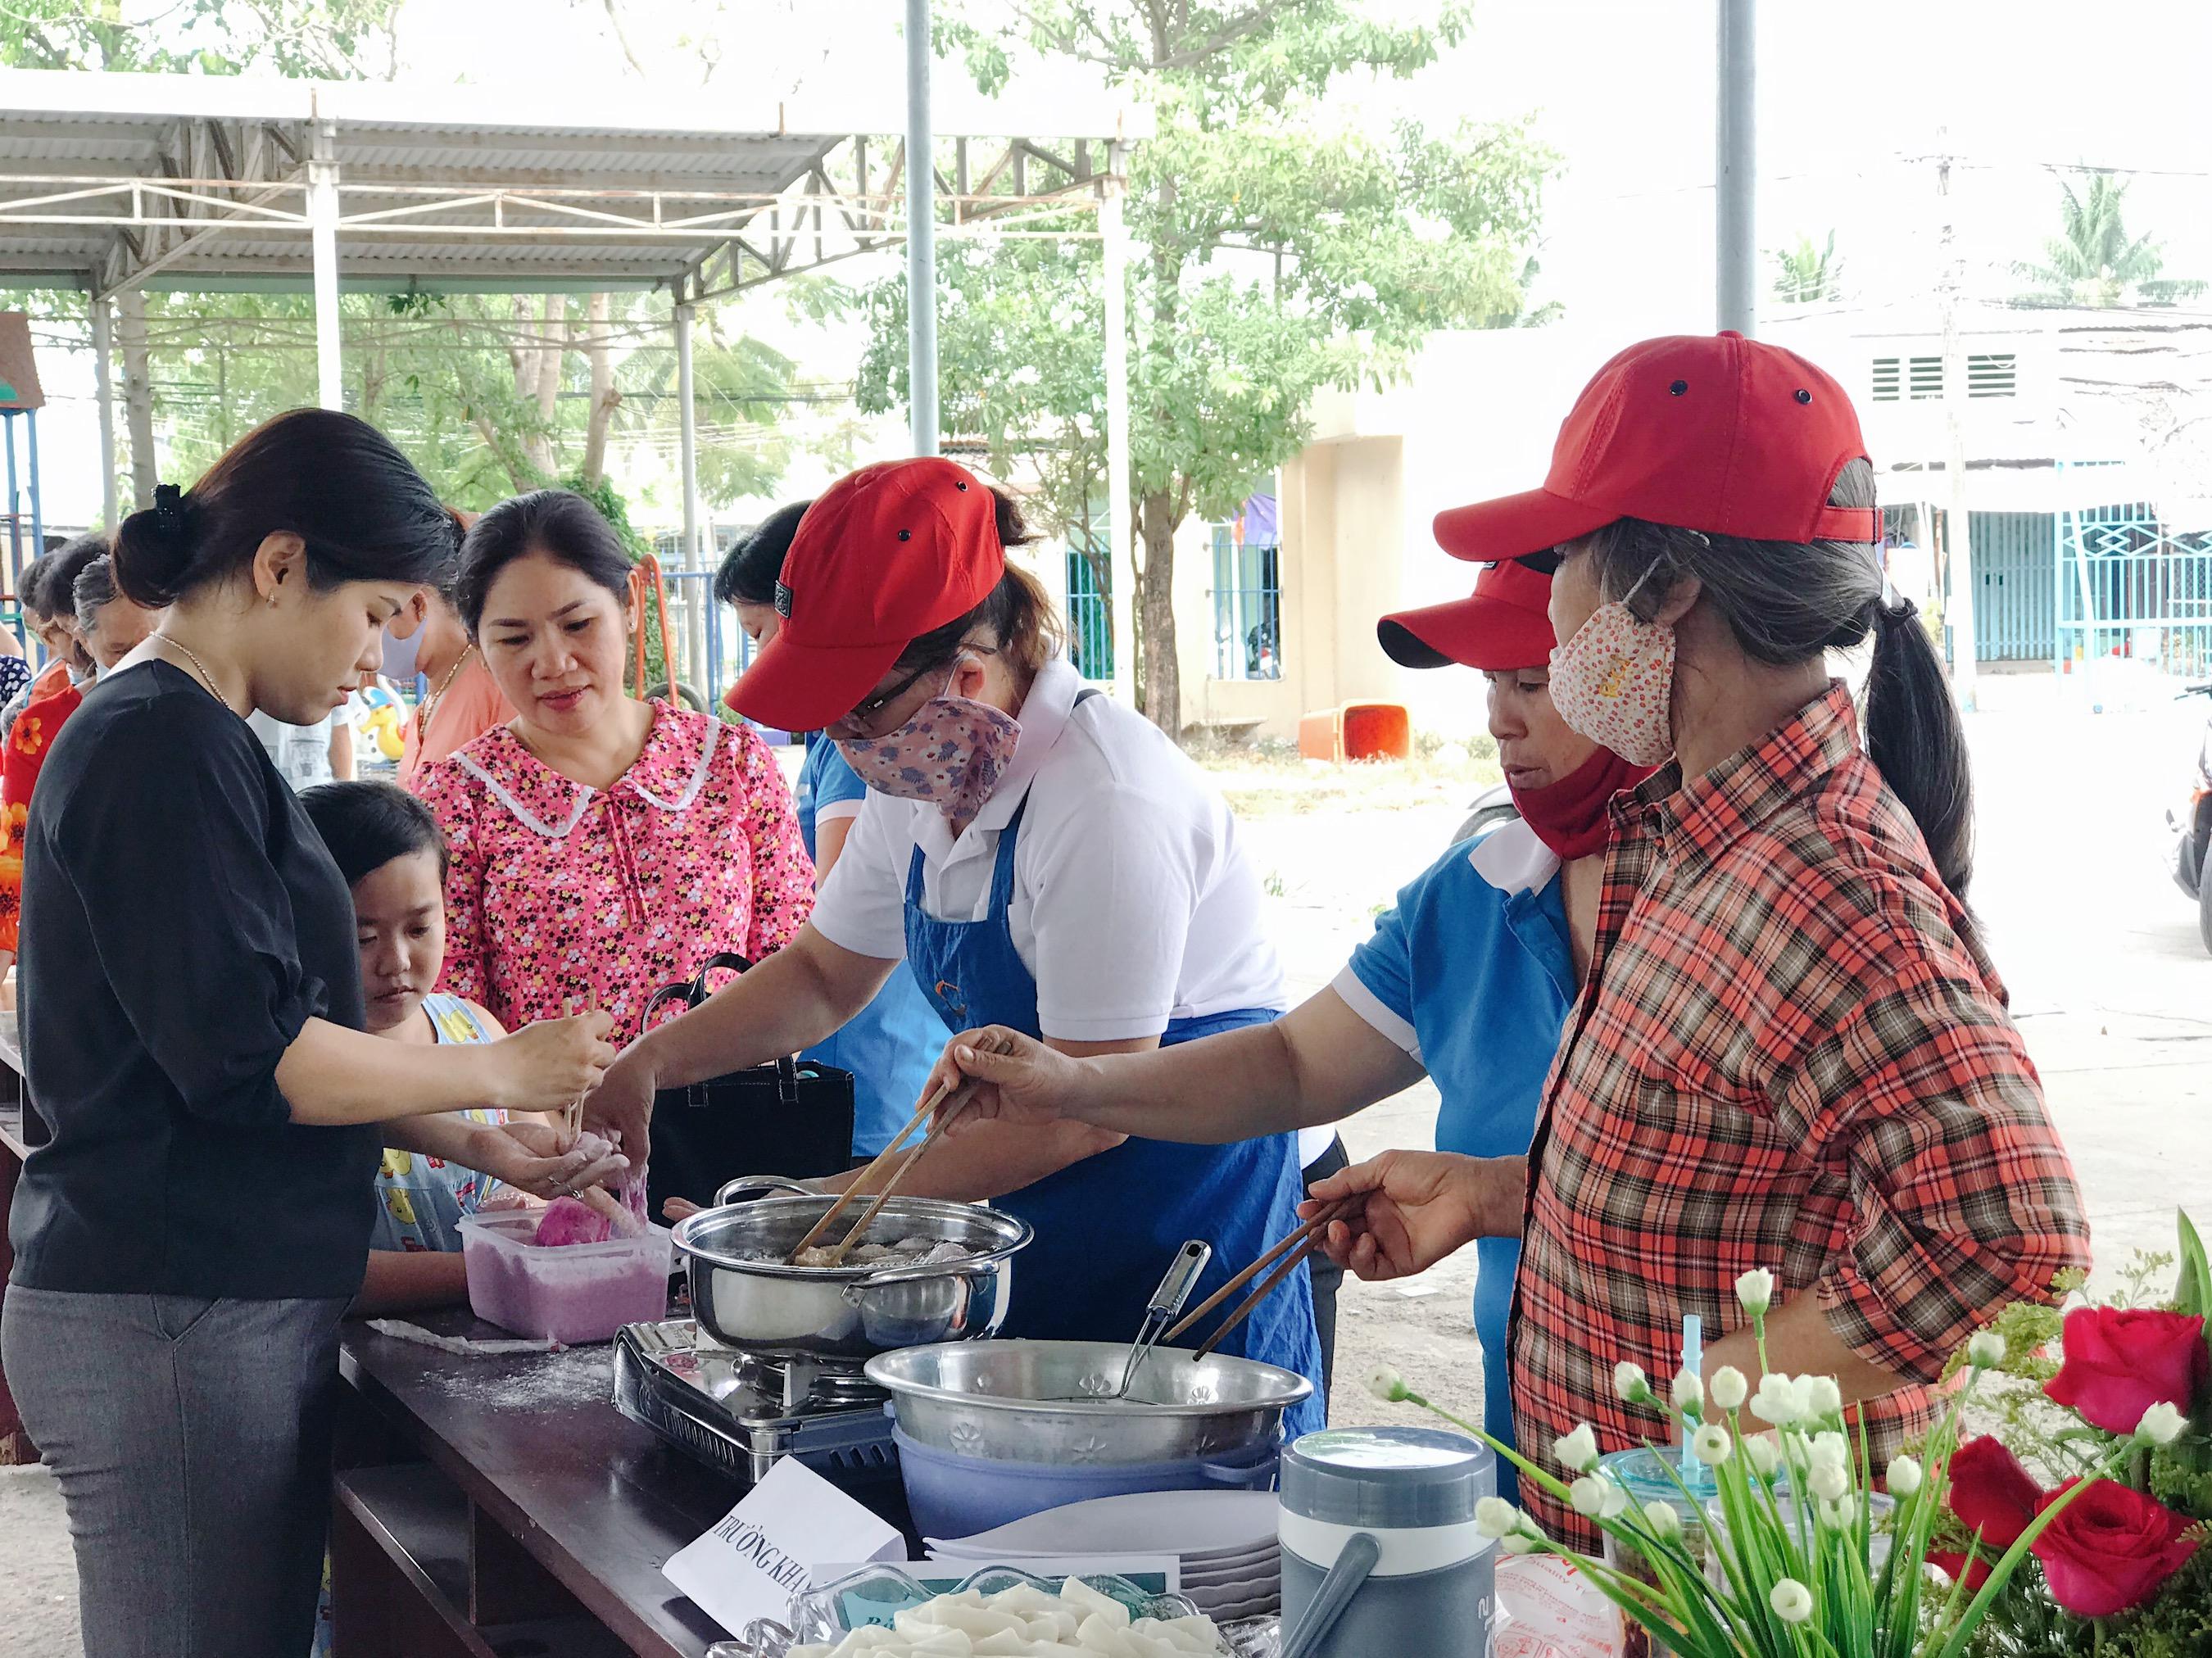 Các dì, các chị cùng vào bếp chế biến những món ăn đạc sắc của các quốc gia Đông Nam Á.